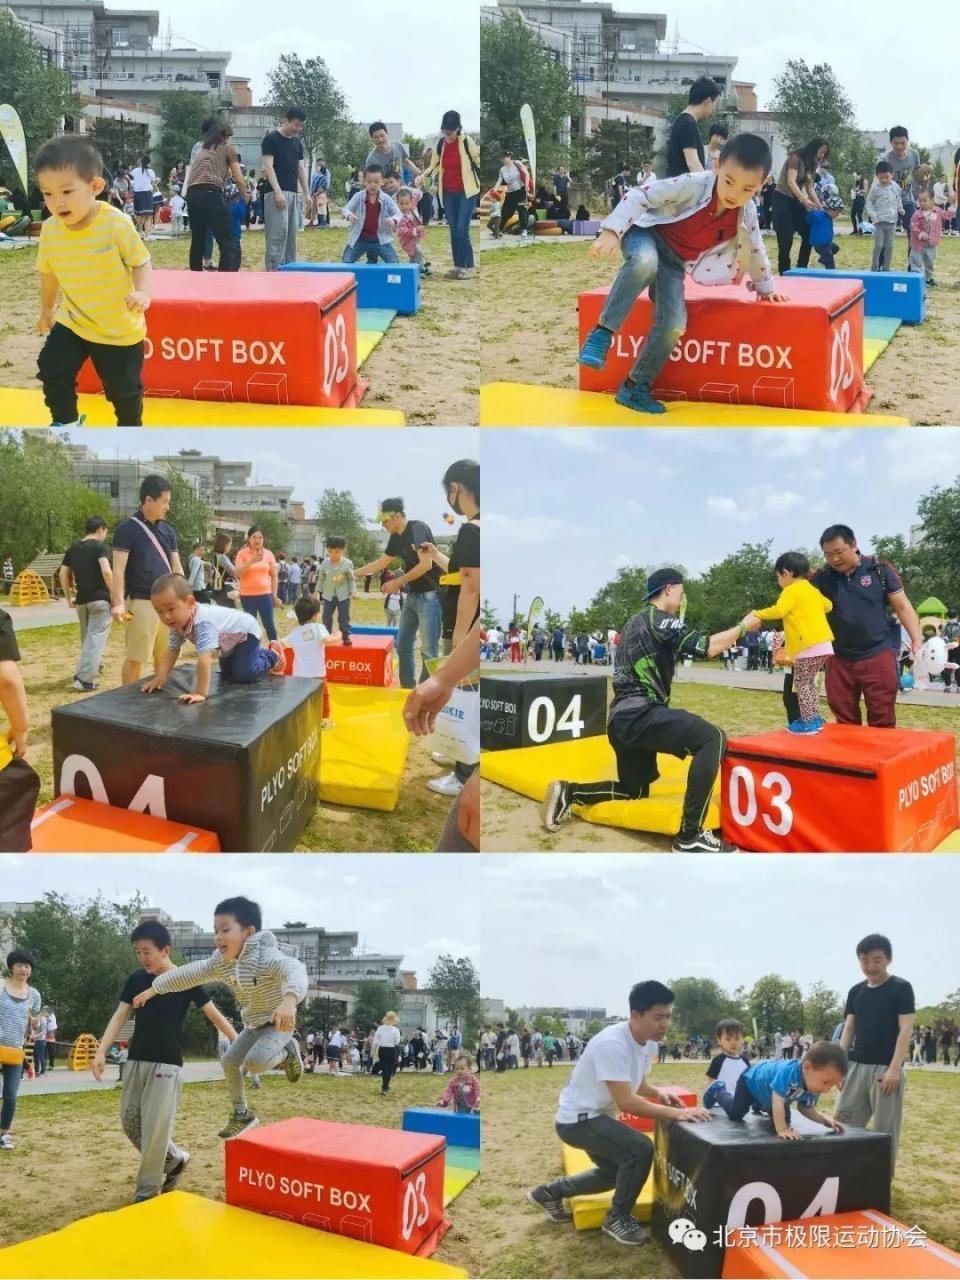 北京市跑酷专业委员会助力乐融儿童之家宝贝运动会,普及跑酷知识-跑酷街